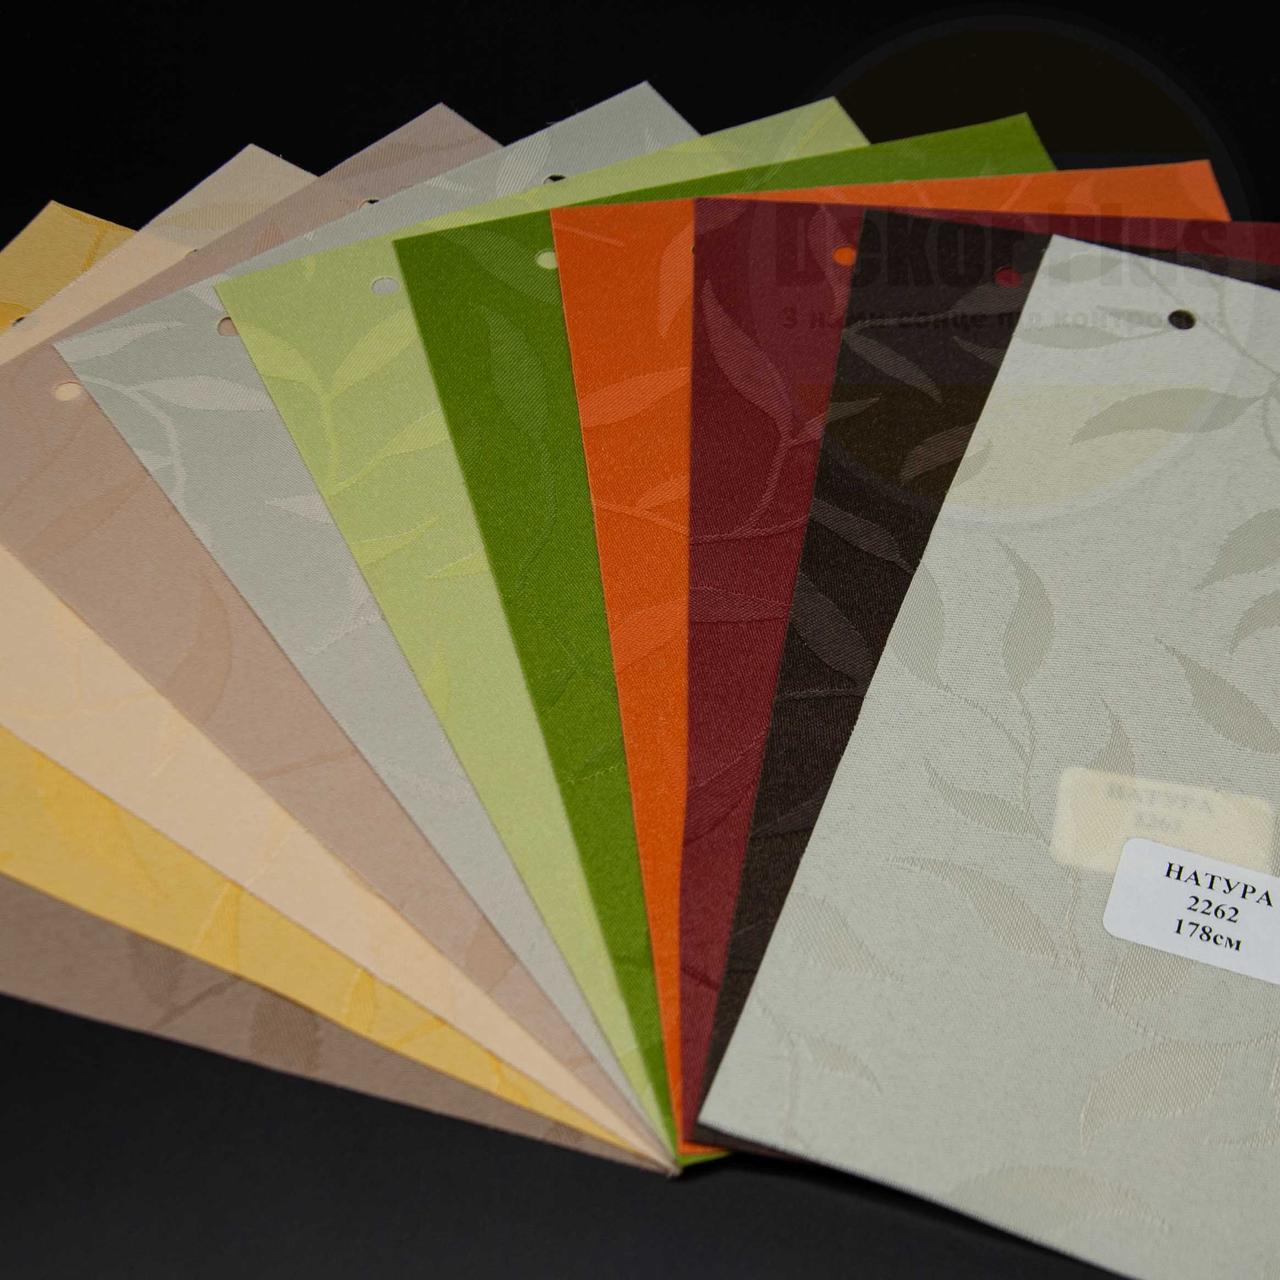 Рулонні штори Натура (11 варіантів кольору)